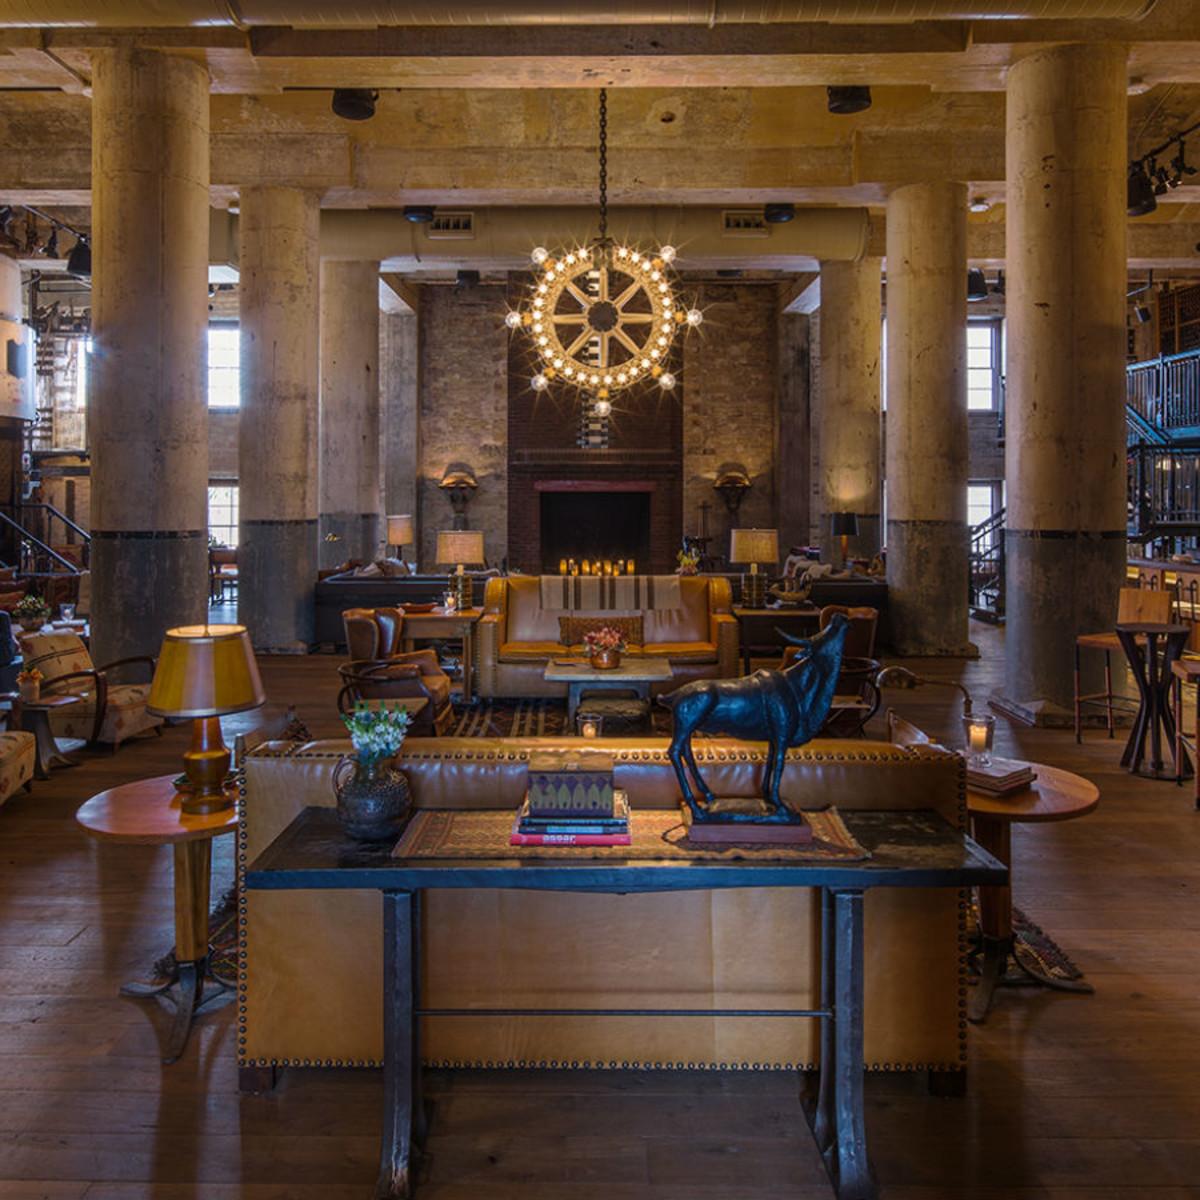 Sternewirth Tavern & Club Room